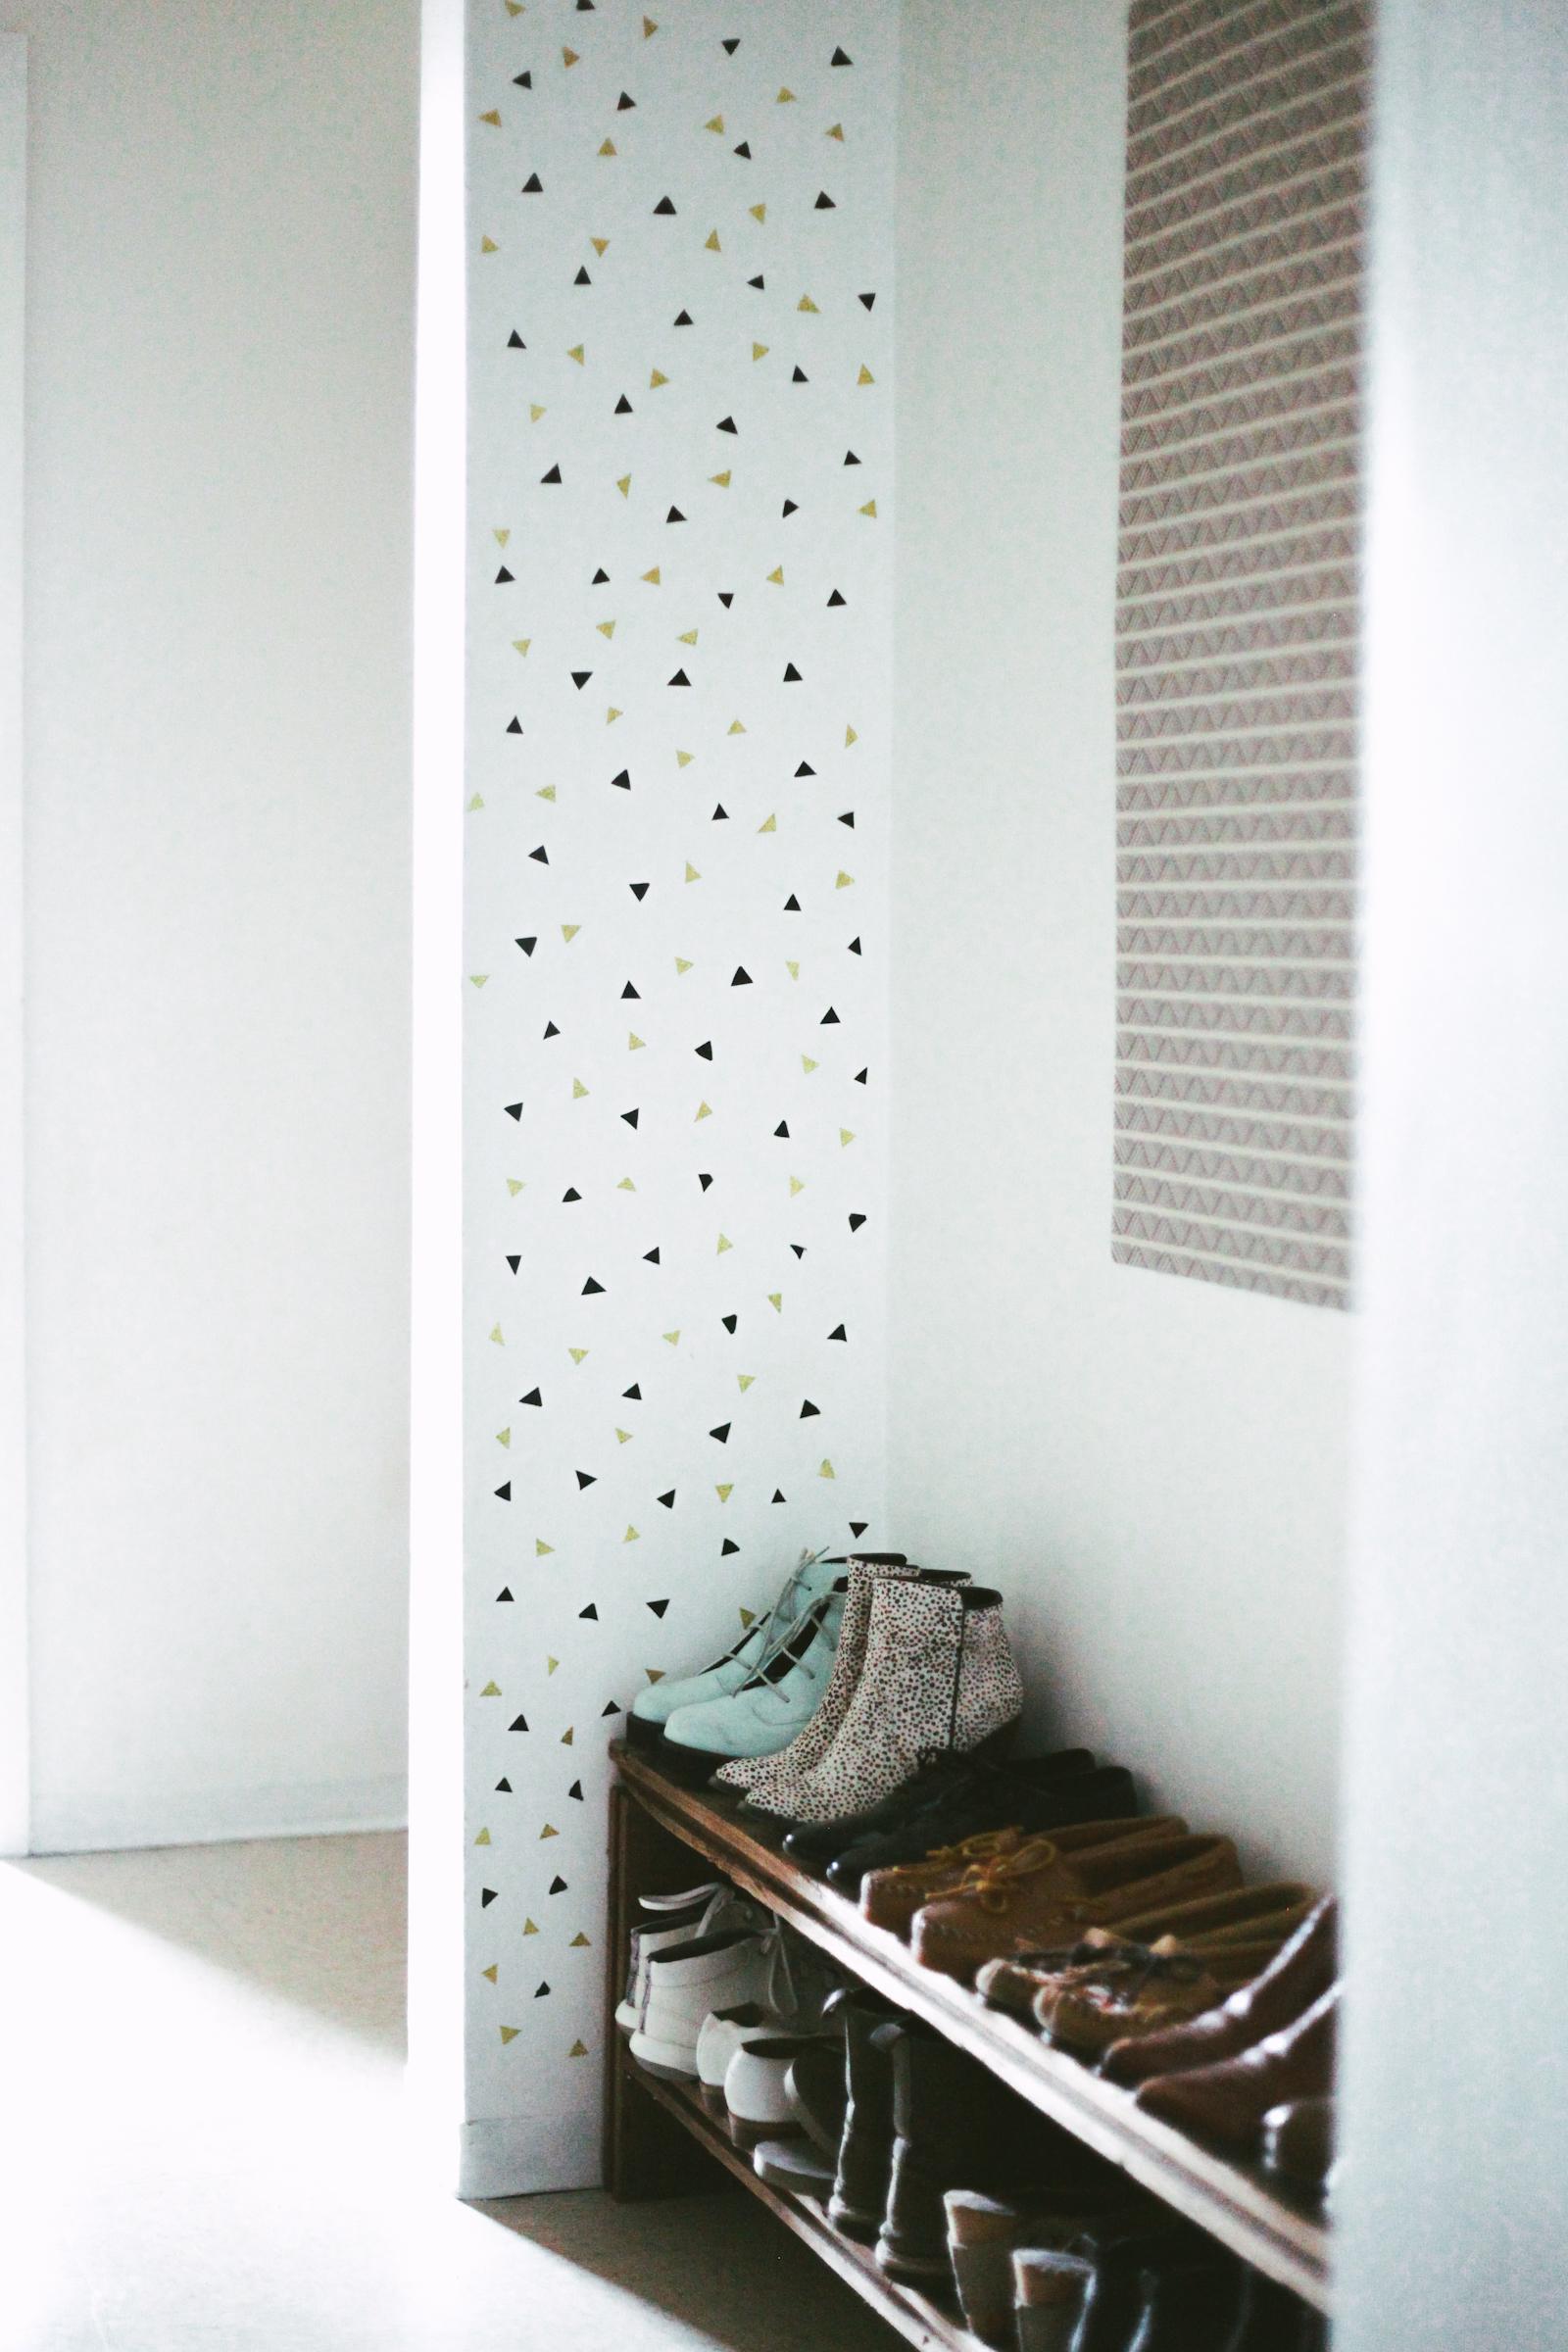 DIY Confetti Decal with Washi Tape-3.jpg